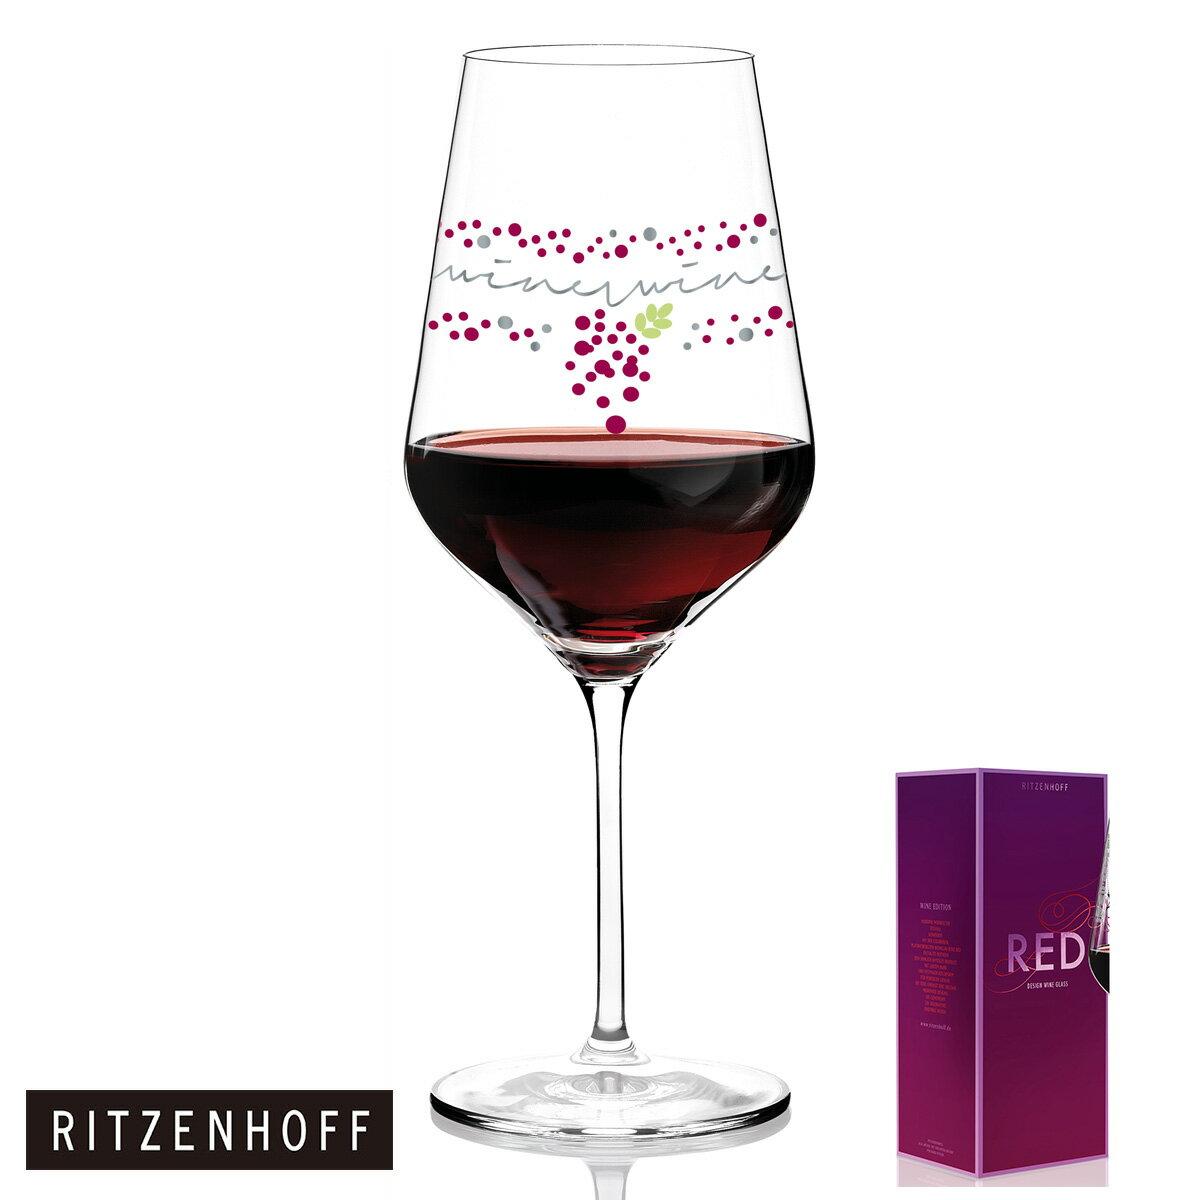 【ポイント20倍】RITZENHOFF リッツェンホフ WINE RED ワイン レッド ワイングラス (83000021-Monica Albini) グラス 赤ワイン プレゼント 贈り物 ギフト ブライダルギフト【限定数】